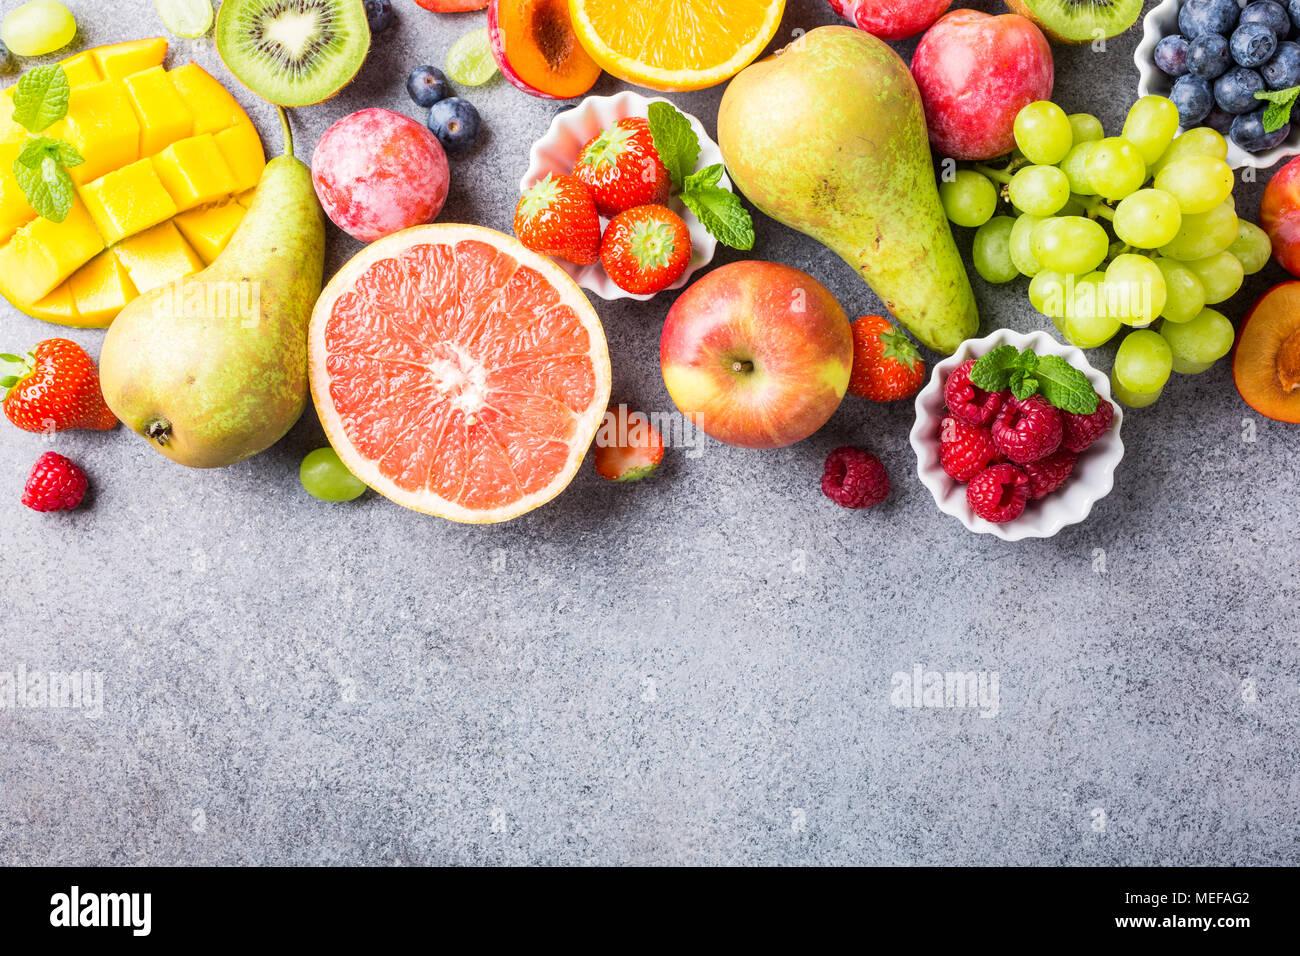 Surtido de frutas y bayas frescas Imagen De Stock